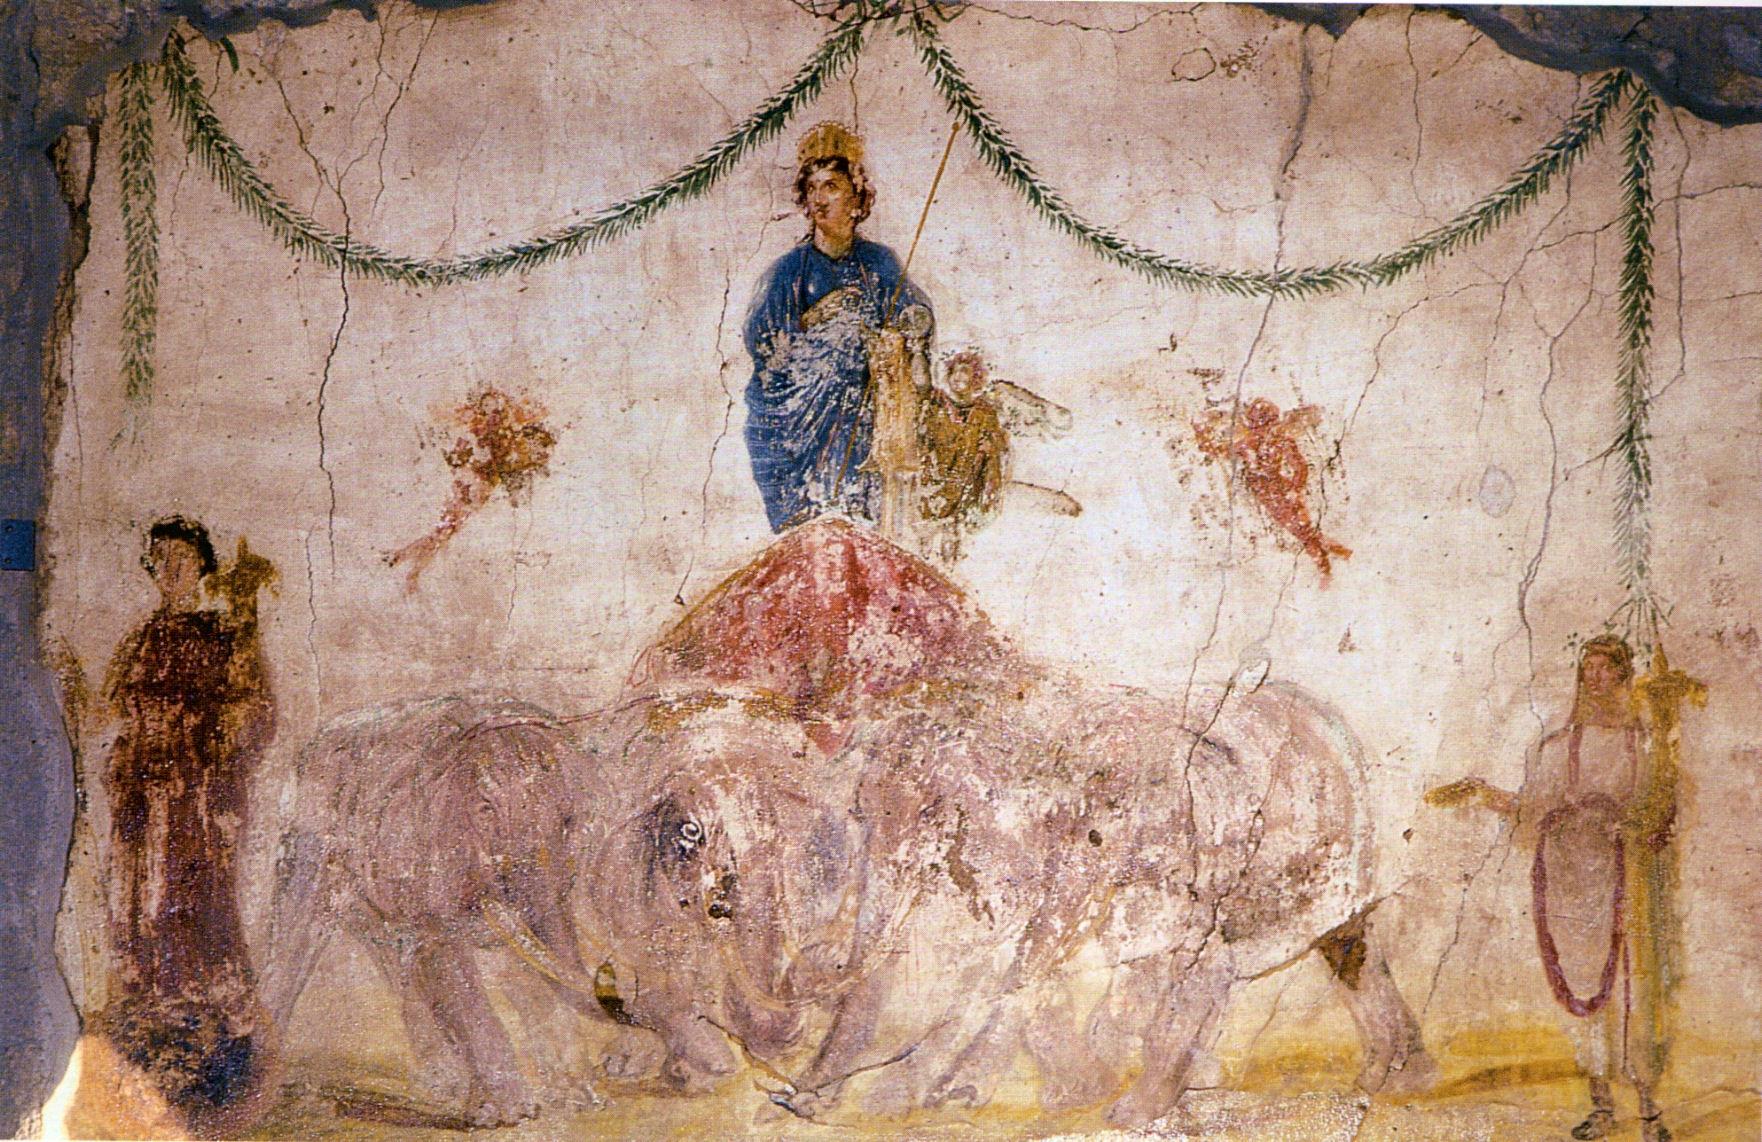 Pittura da Pompei. Afrodite - Venere in trionfo su una quadriga trainata da elefanti. Al posto dei passeri